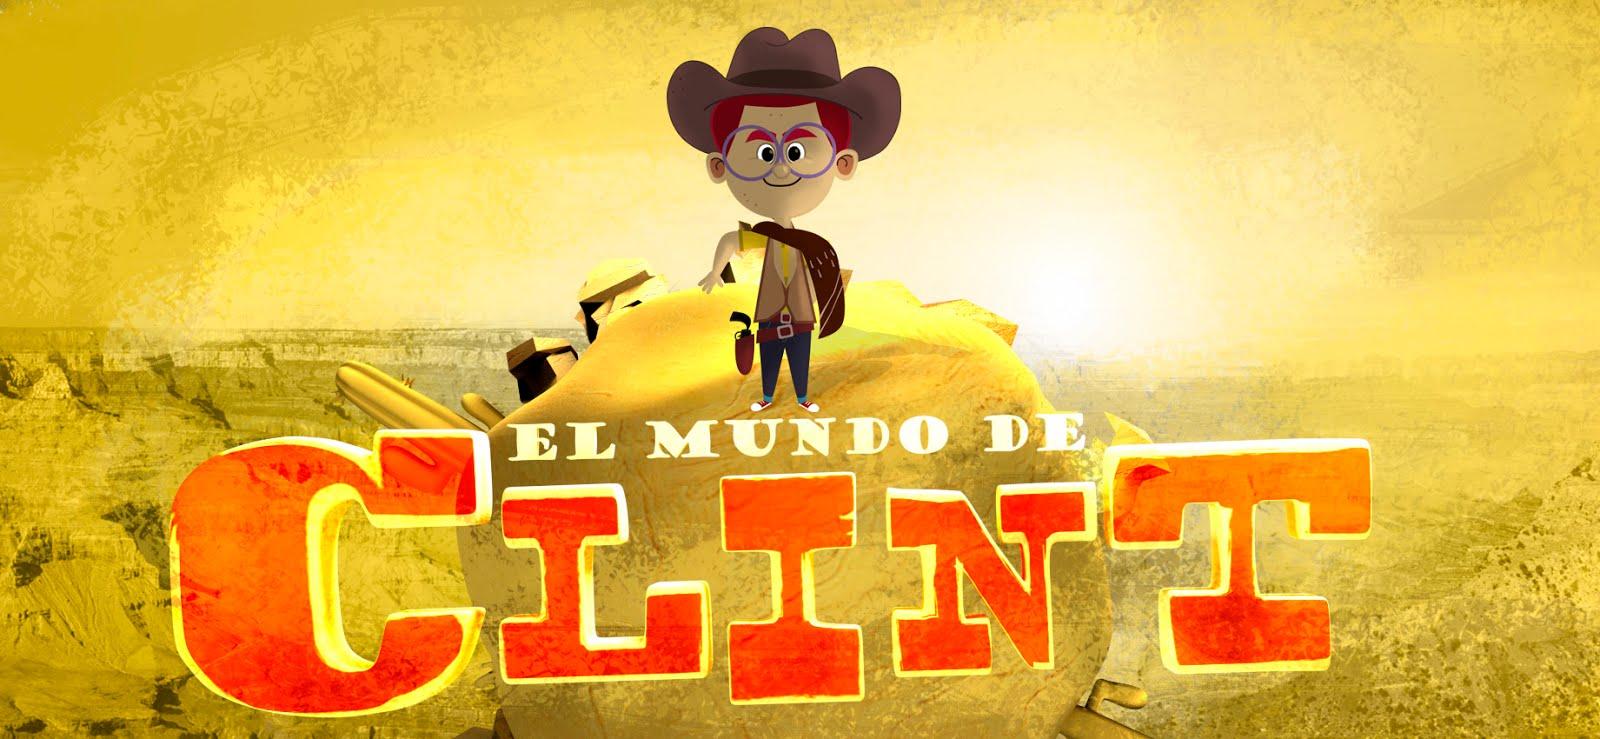 Clint re diseño logo y personaje